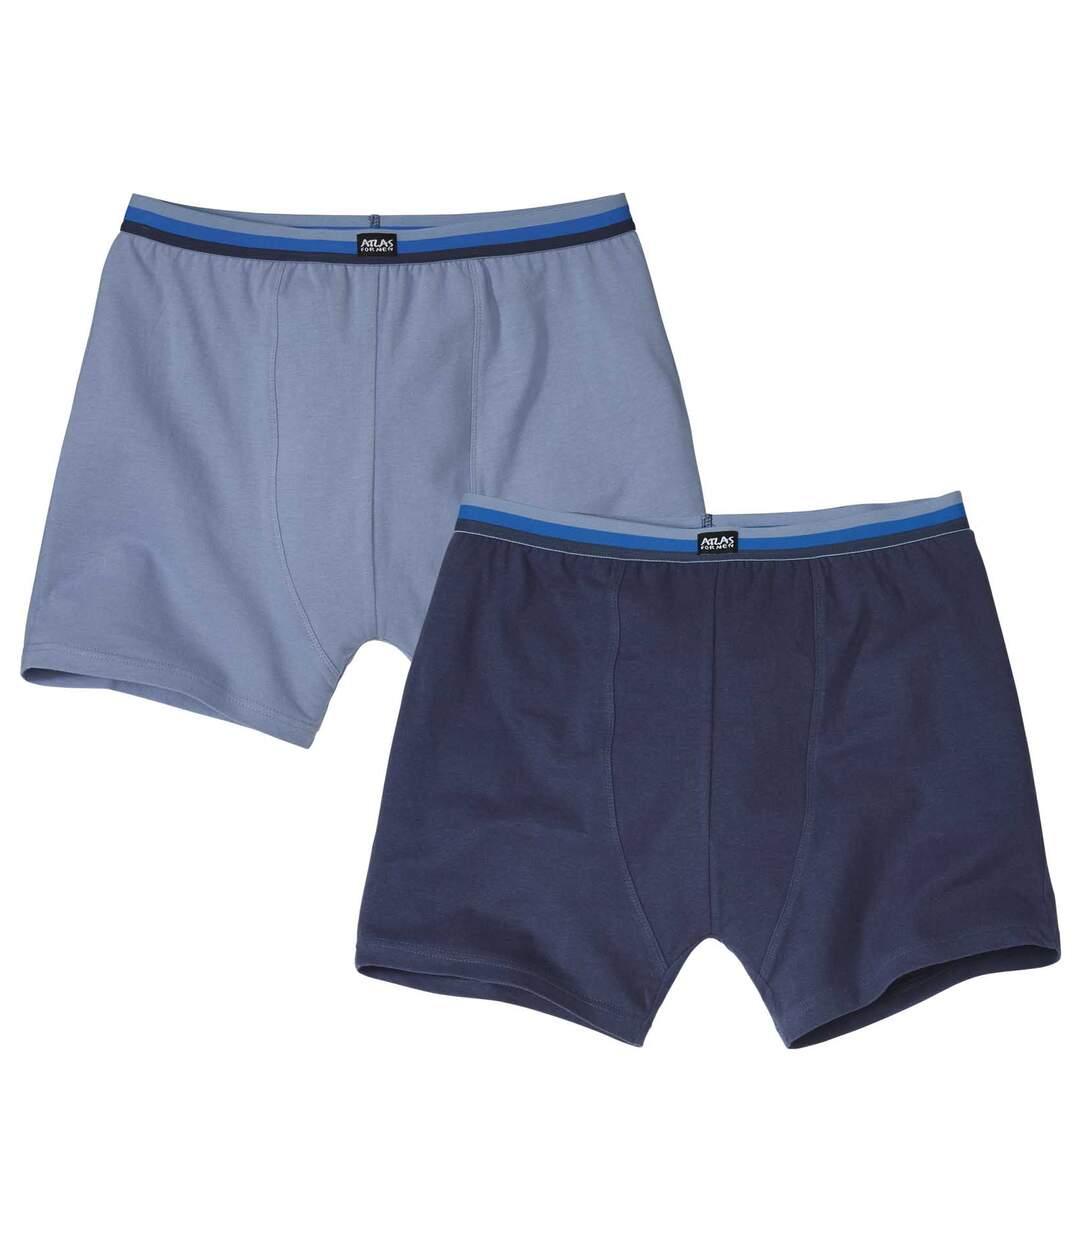 2er-Pack Boxershorts Komfort